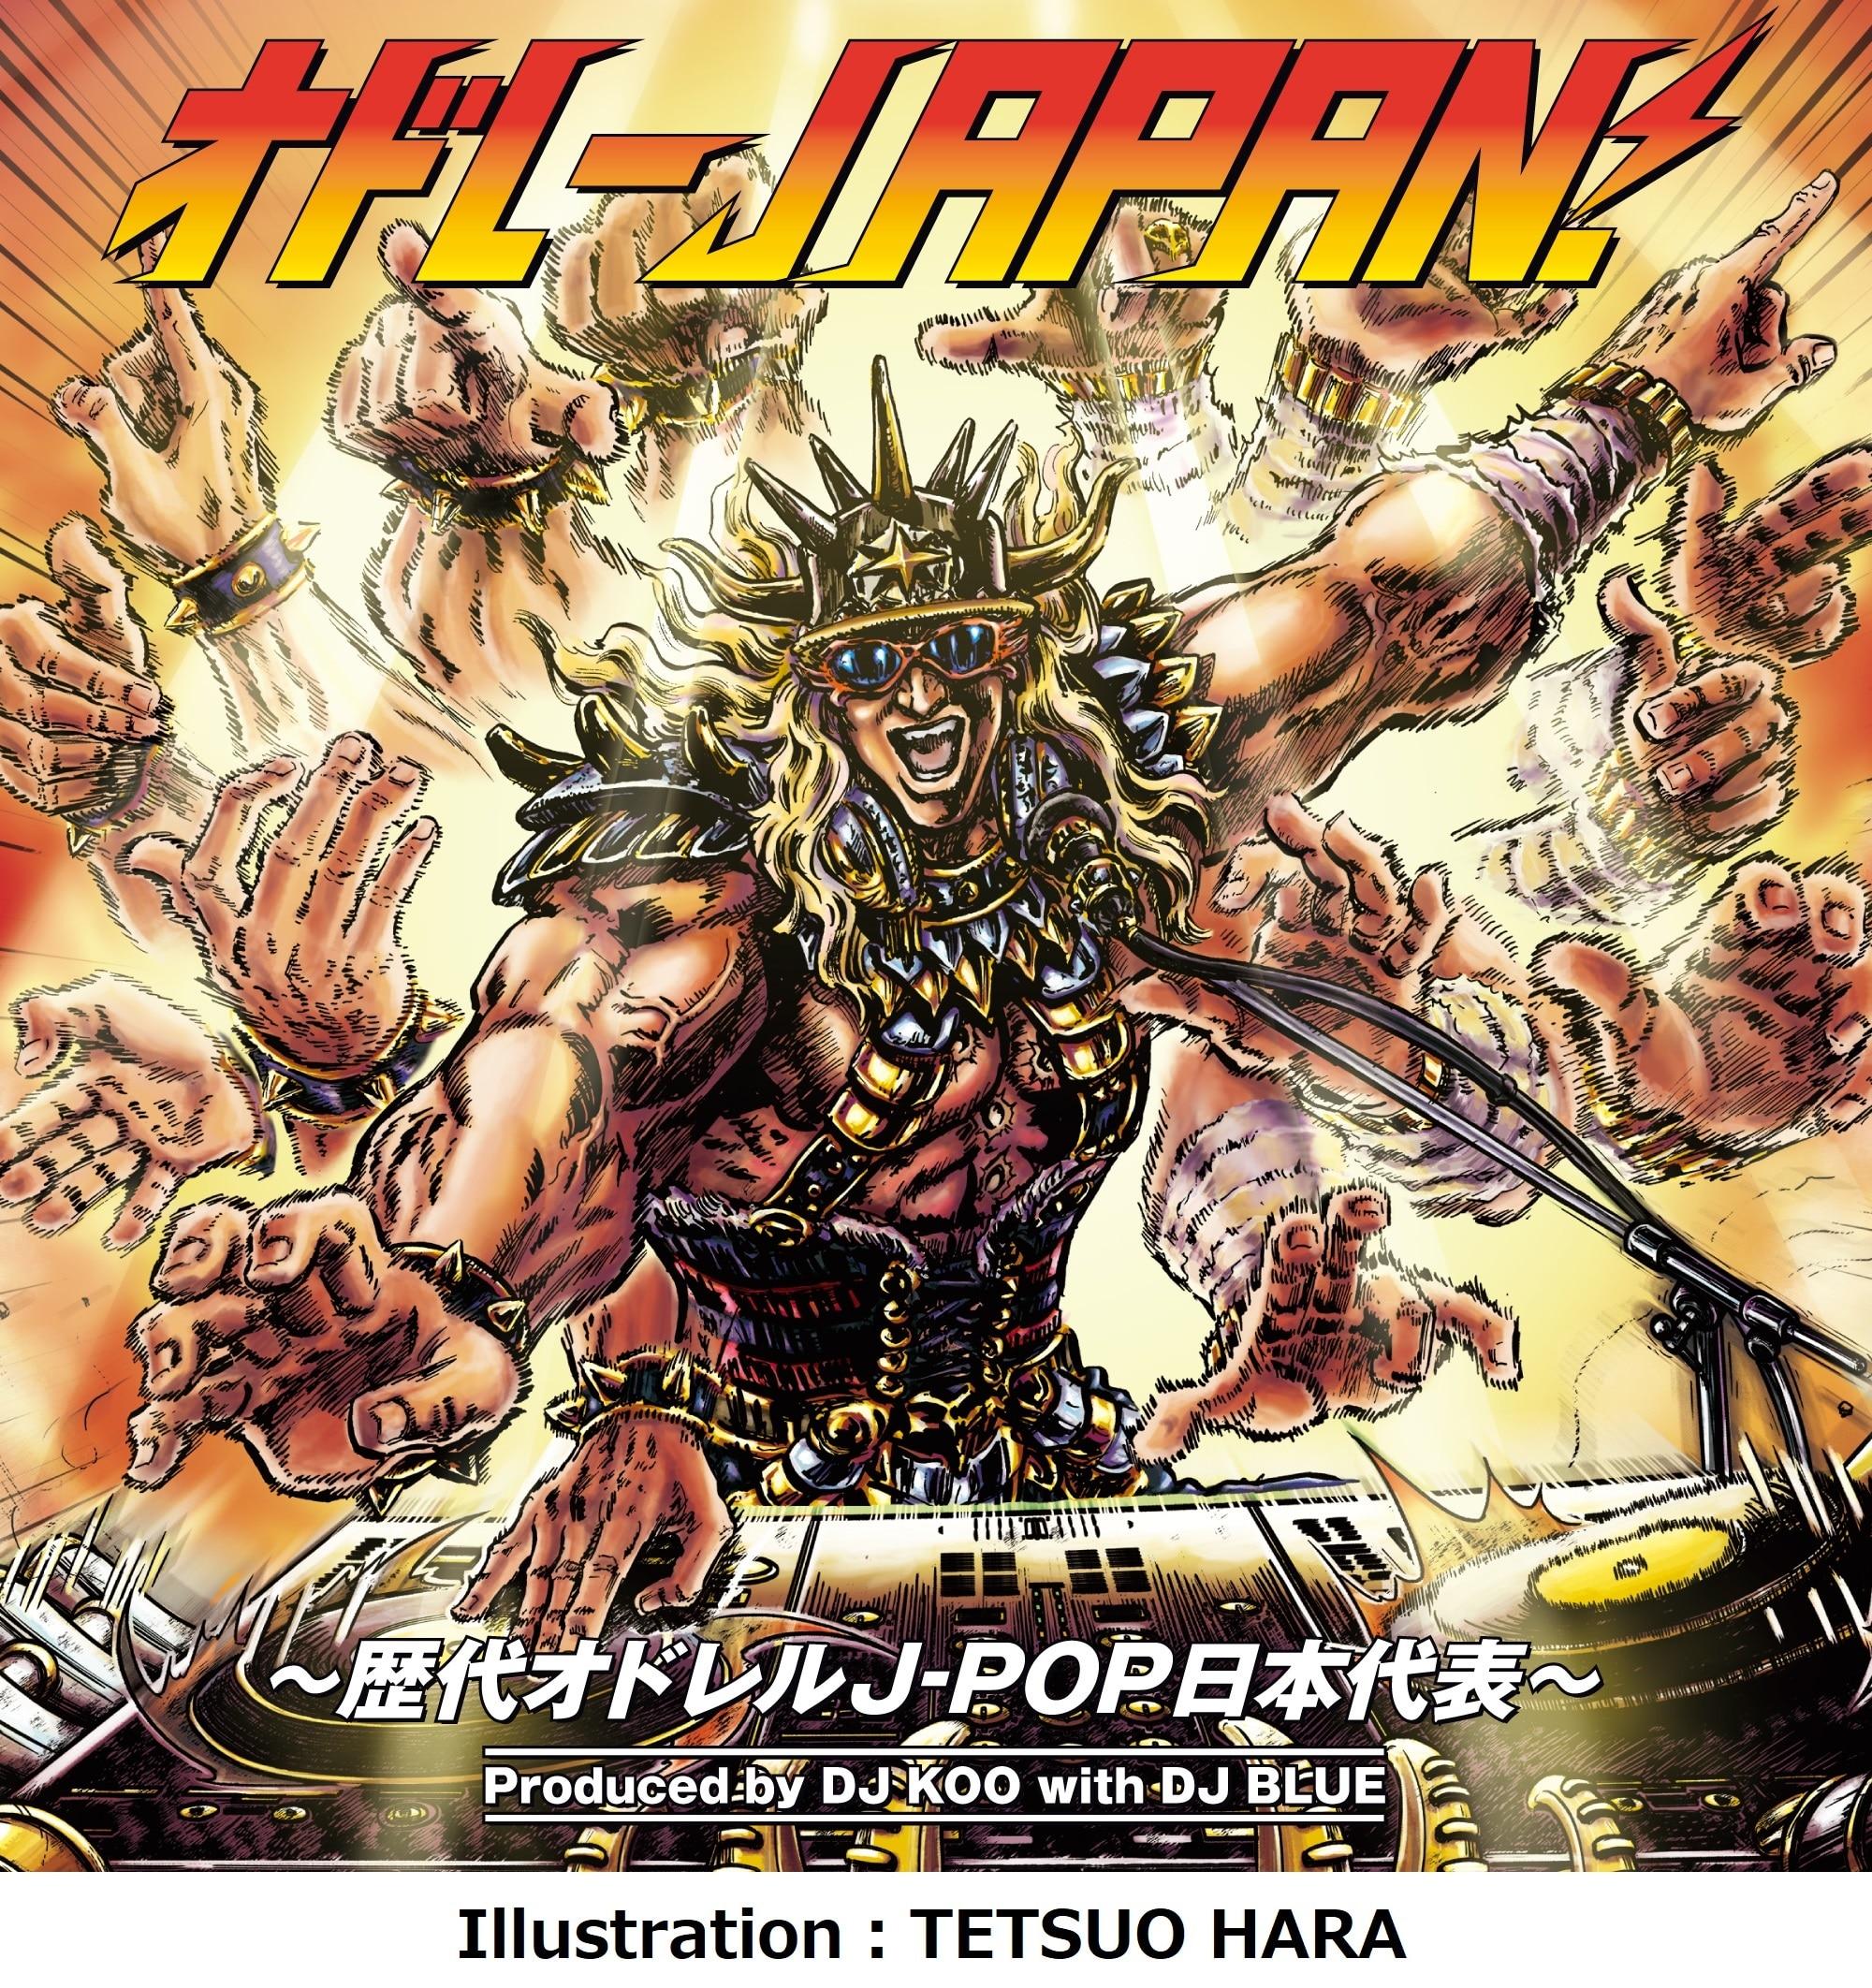 オドレーJAPAN! ~歴代オドレルJ-POP日本代表~ Produced by DJ KOO with DJ BLUE